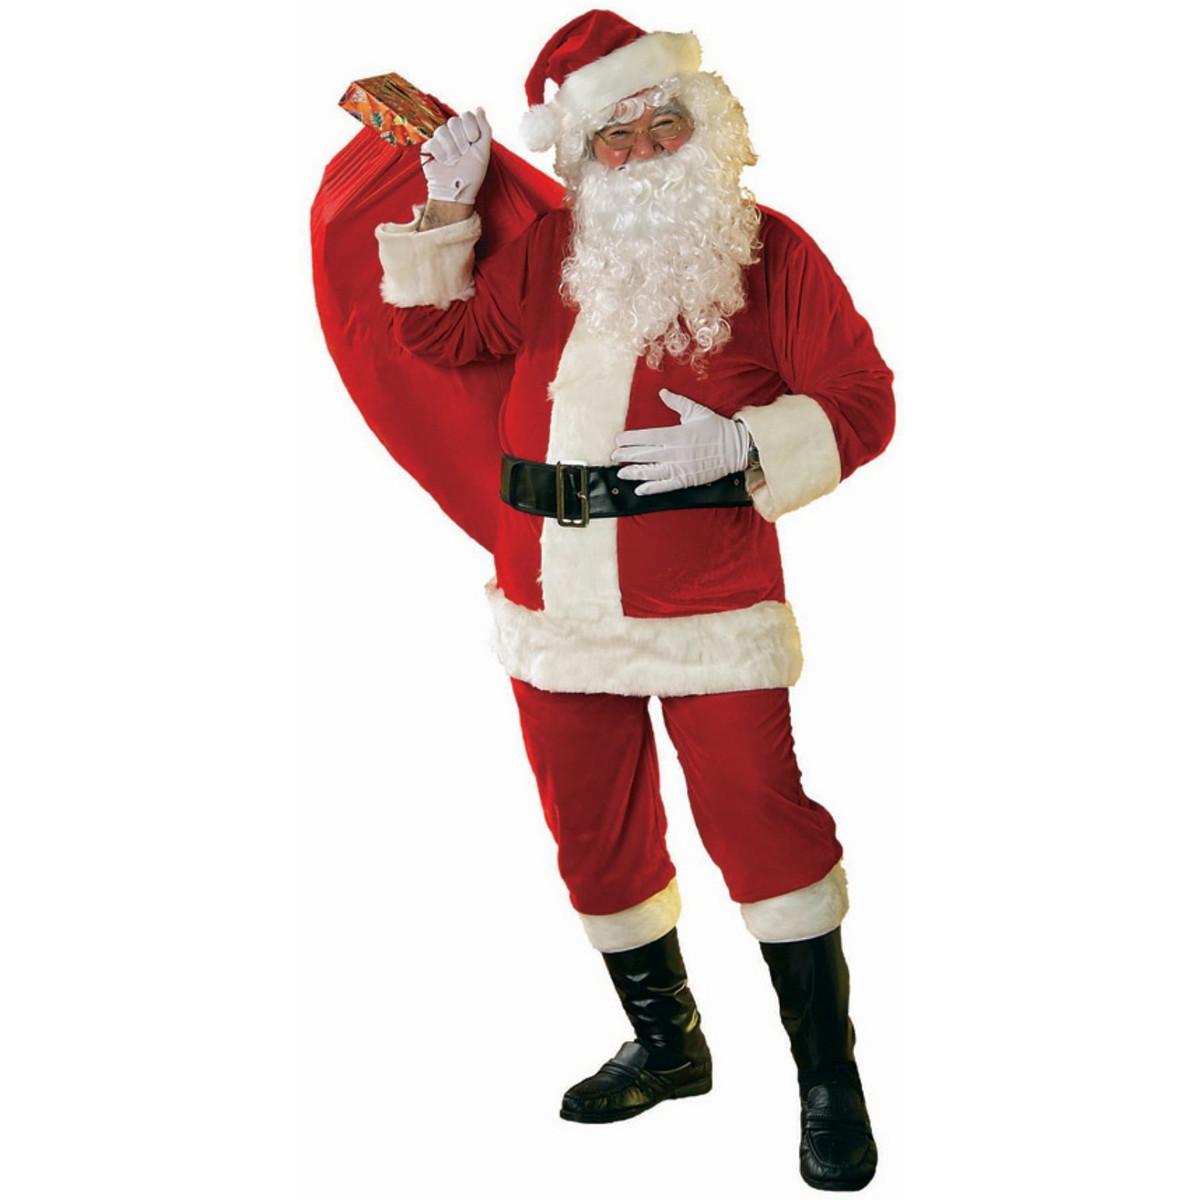 サンタクロース 衣装サンタクロース ソフトベロア製サンタスーツ 大人用コスチューム